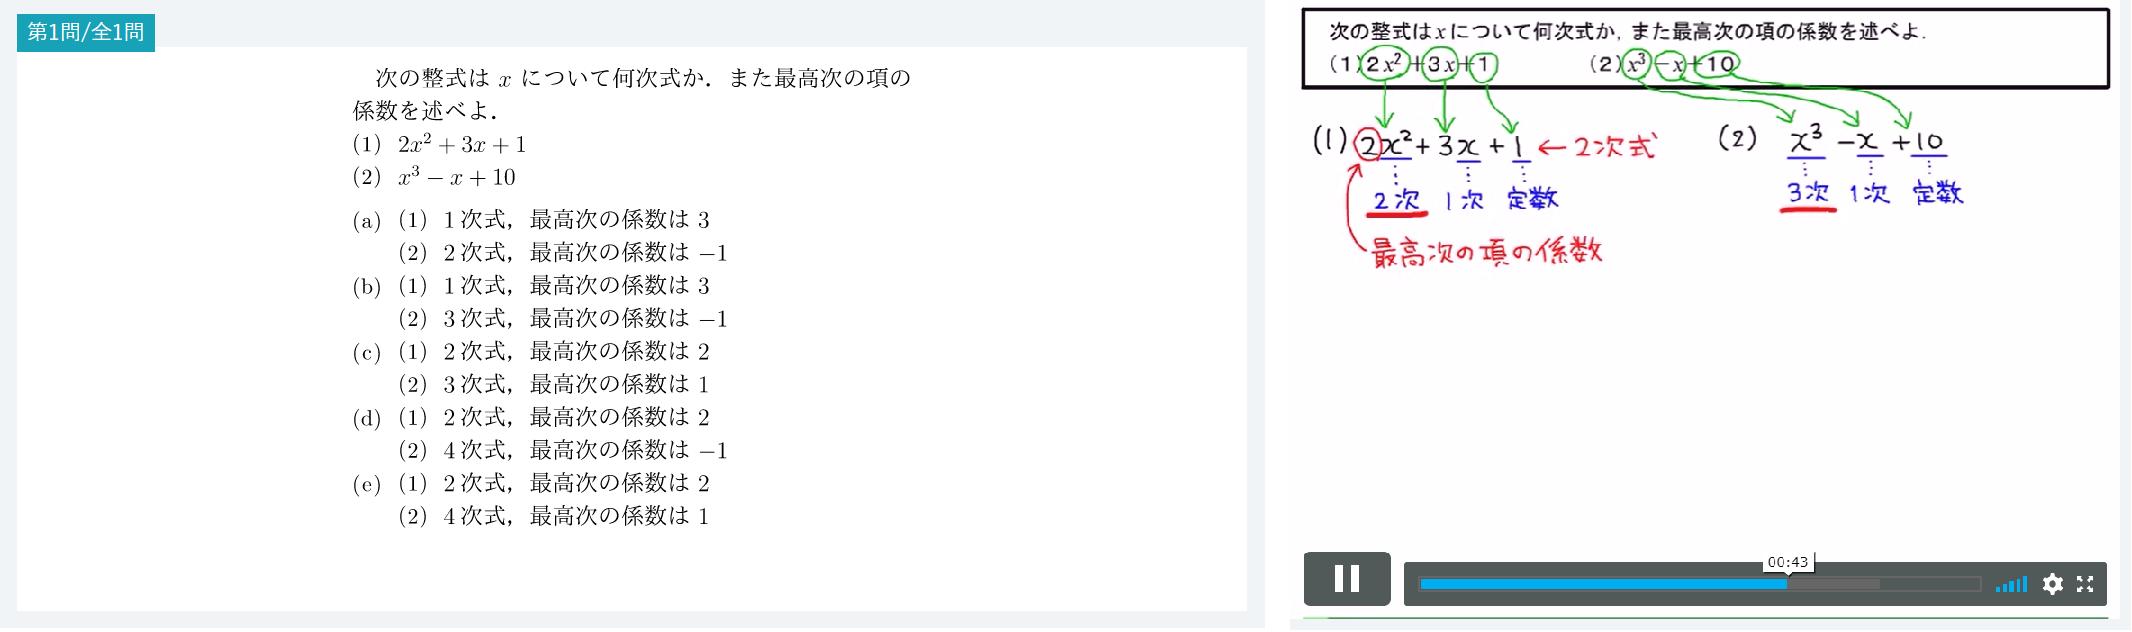 河合塾One数学の練習問題と解説